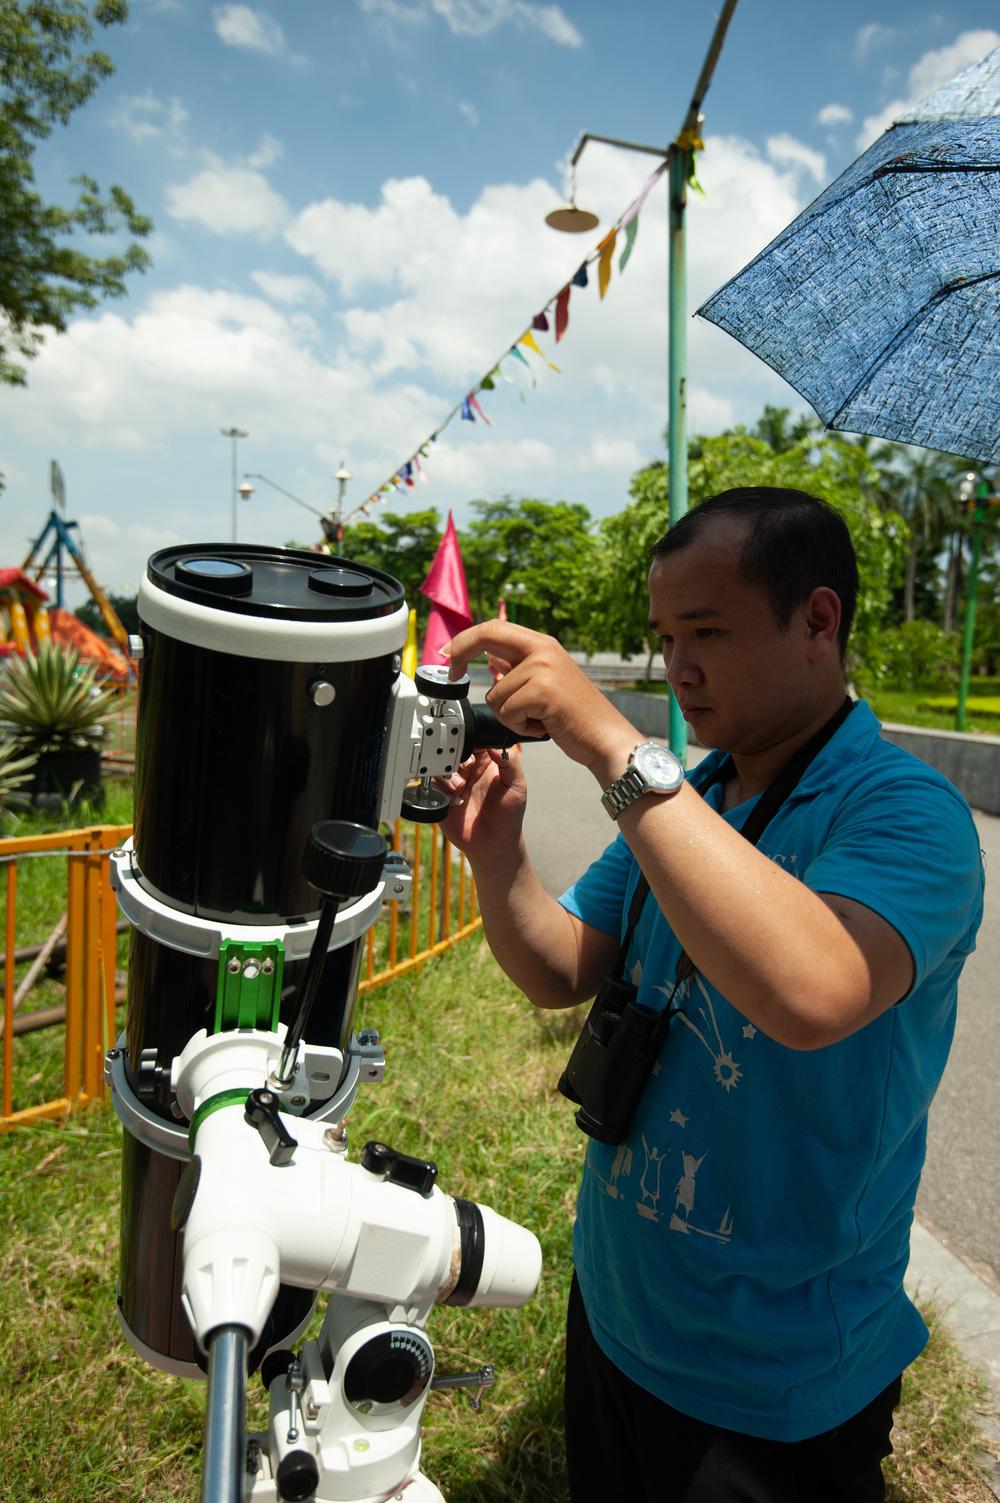 Bất chấp nắng nóng, người Hà Nội thích thú ngắm nhật thực hình khuyên hiếm thấy - Ảnh 6.